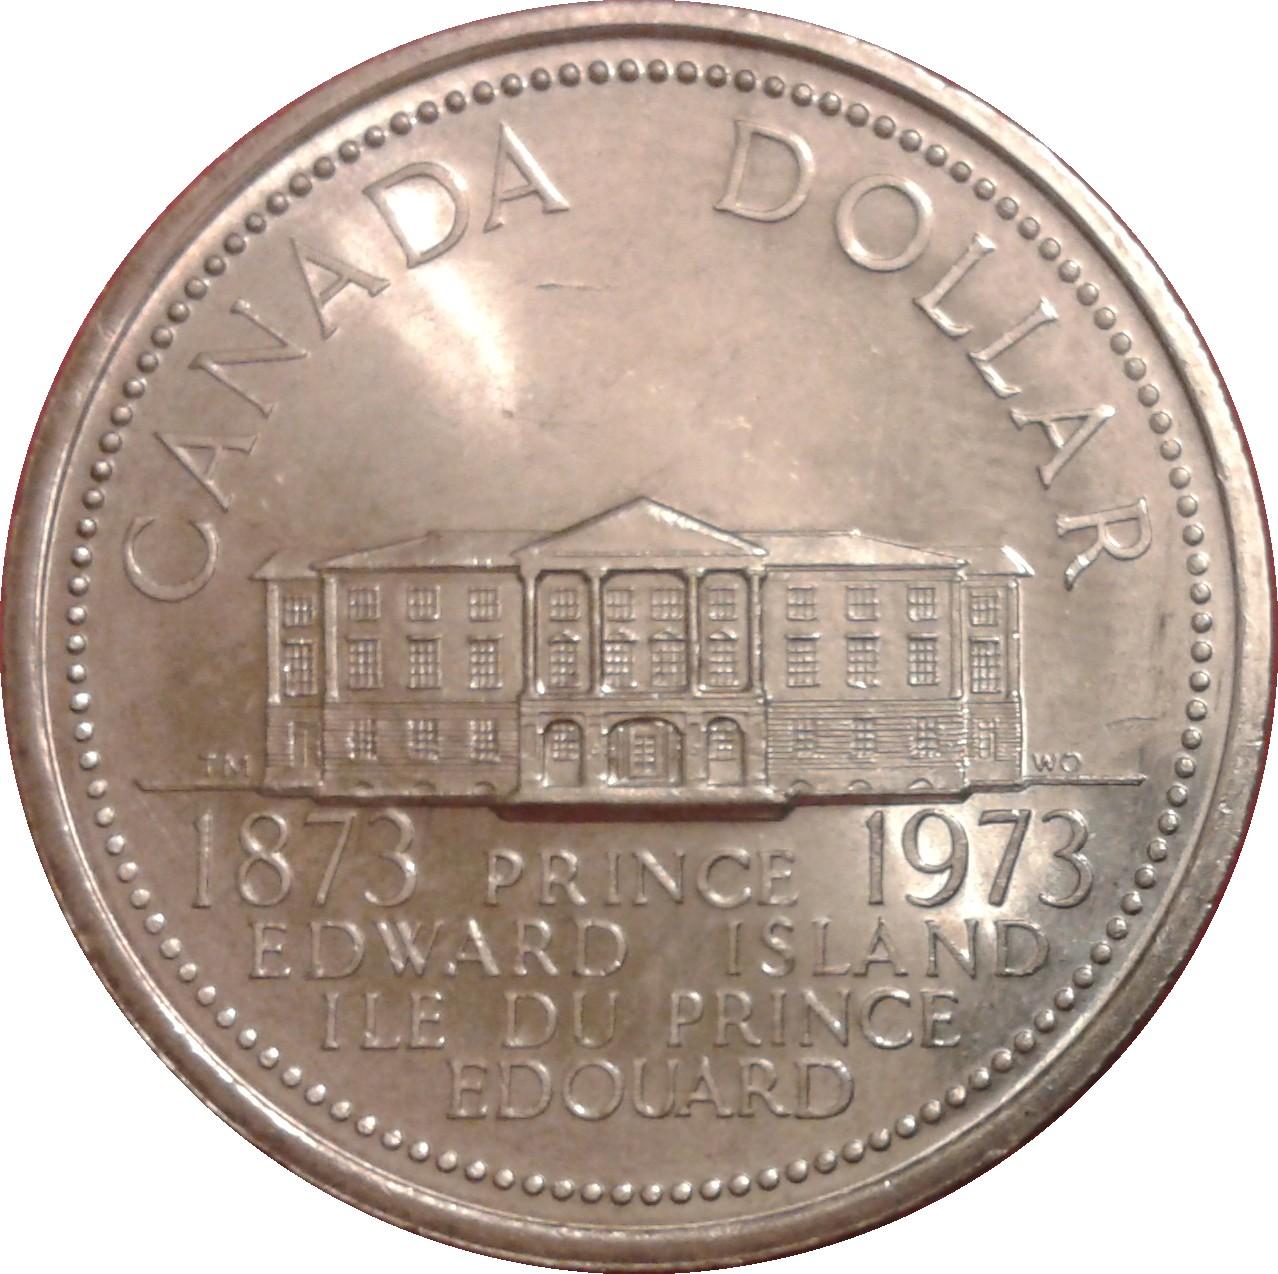 1 Dollar Elizabeth Ii Prince Edward Island Canada Numista